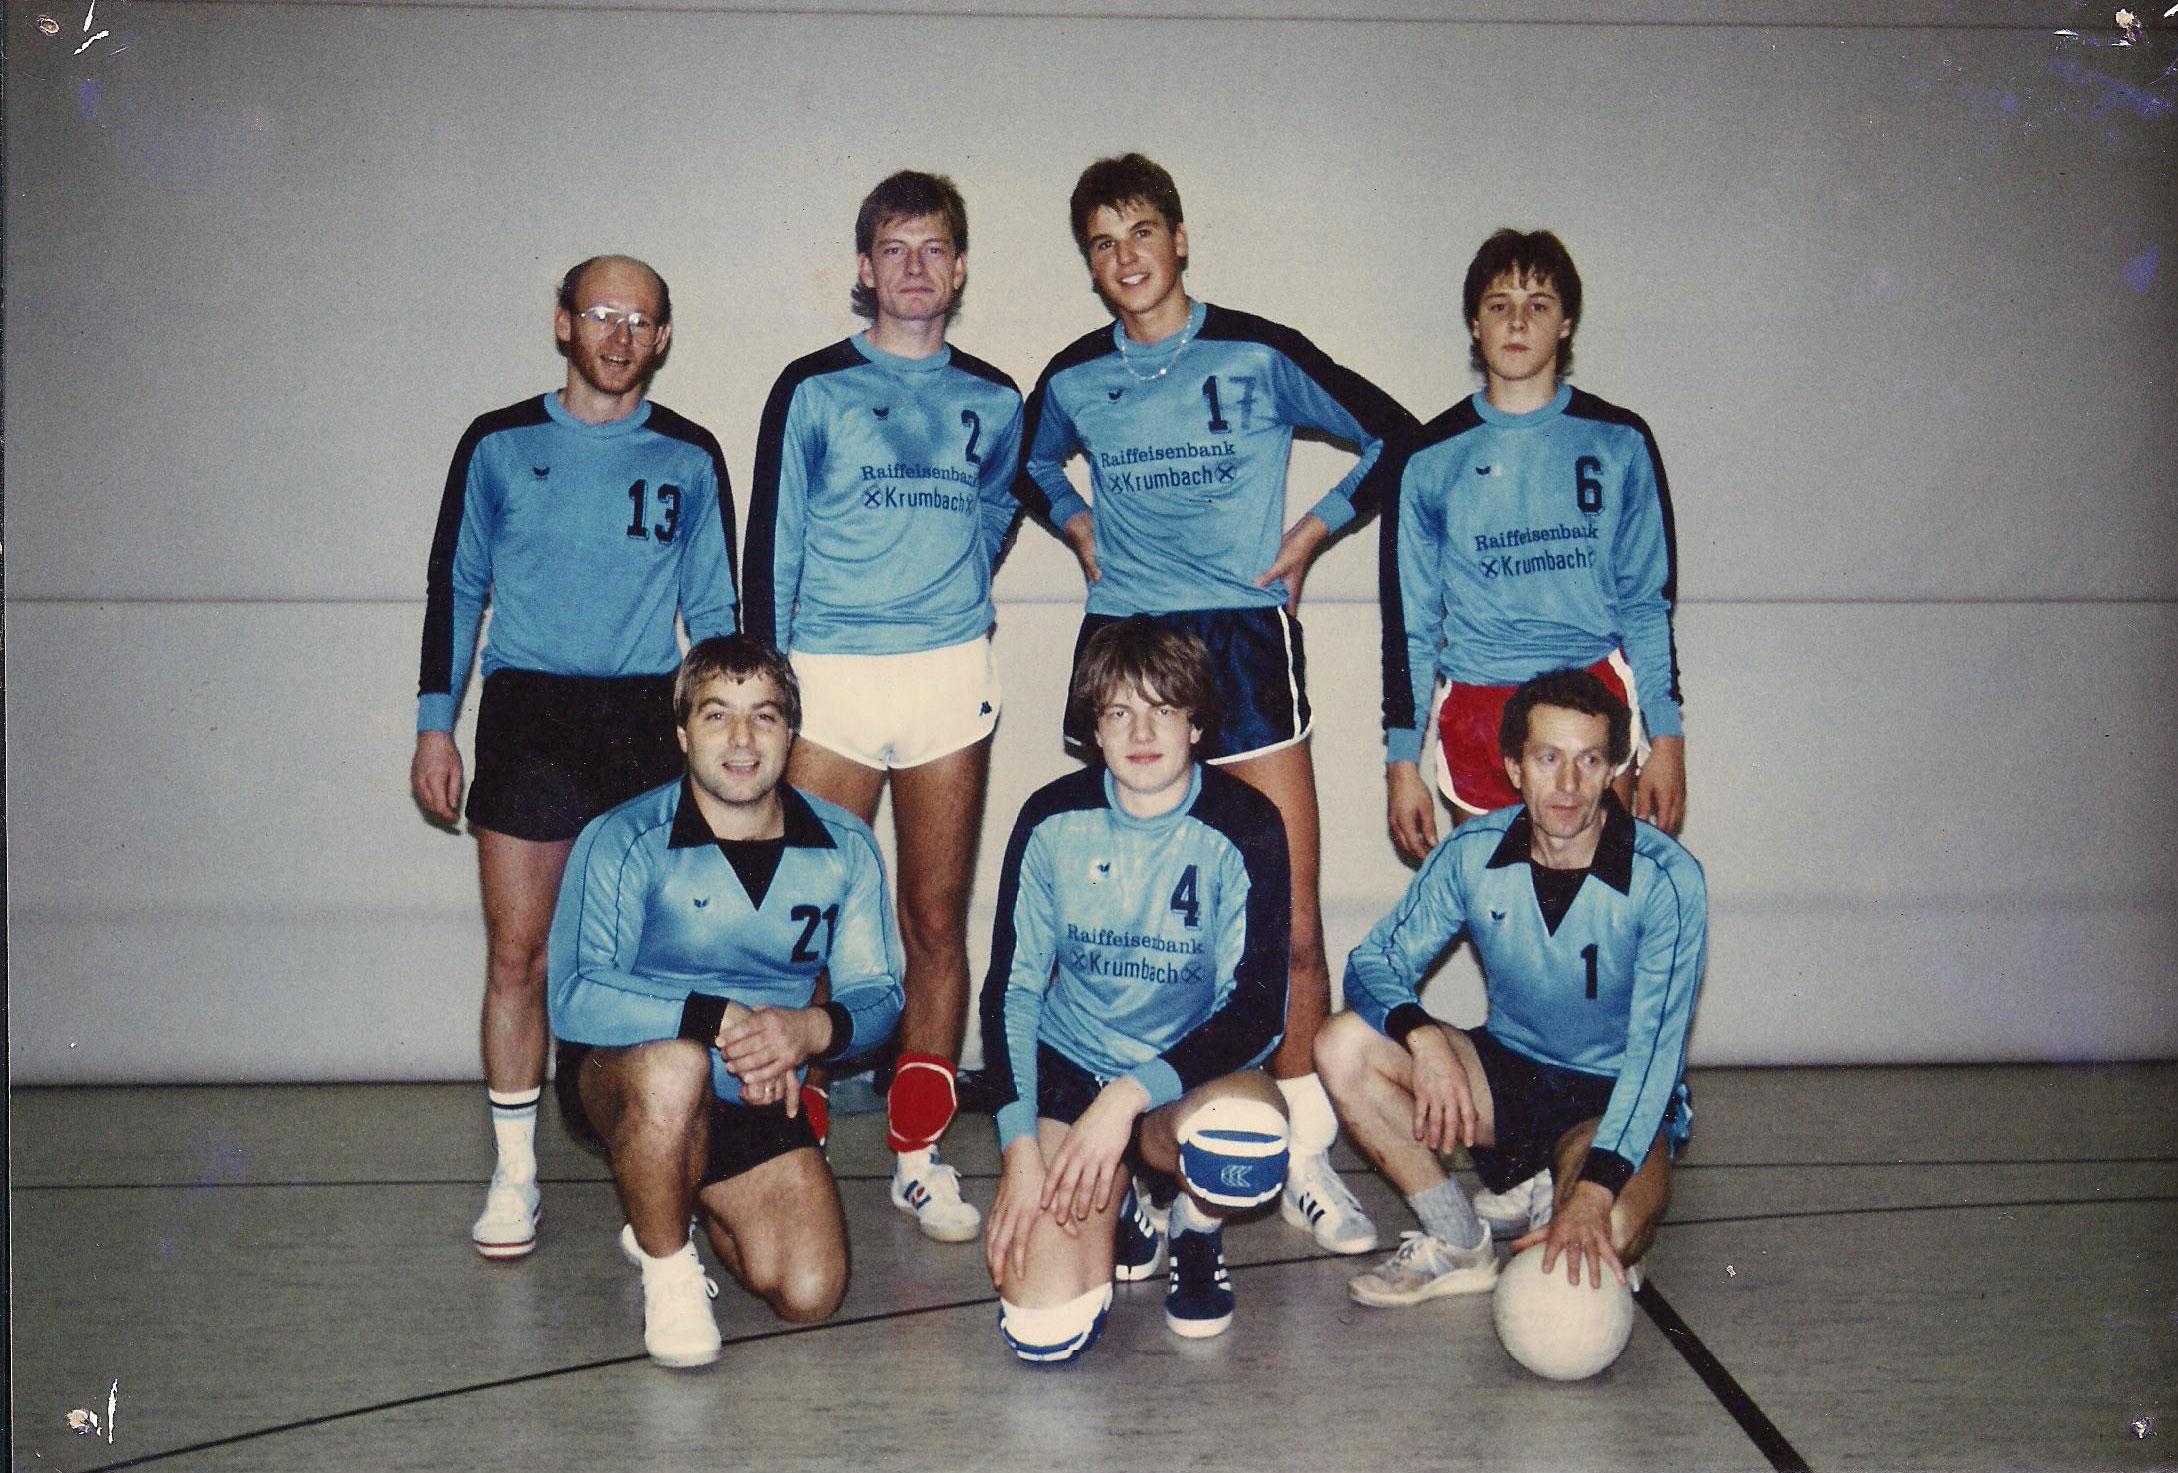 Voleyball_80er_Jahre